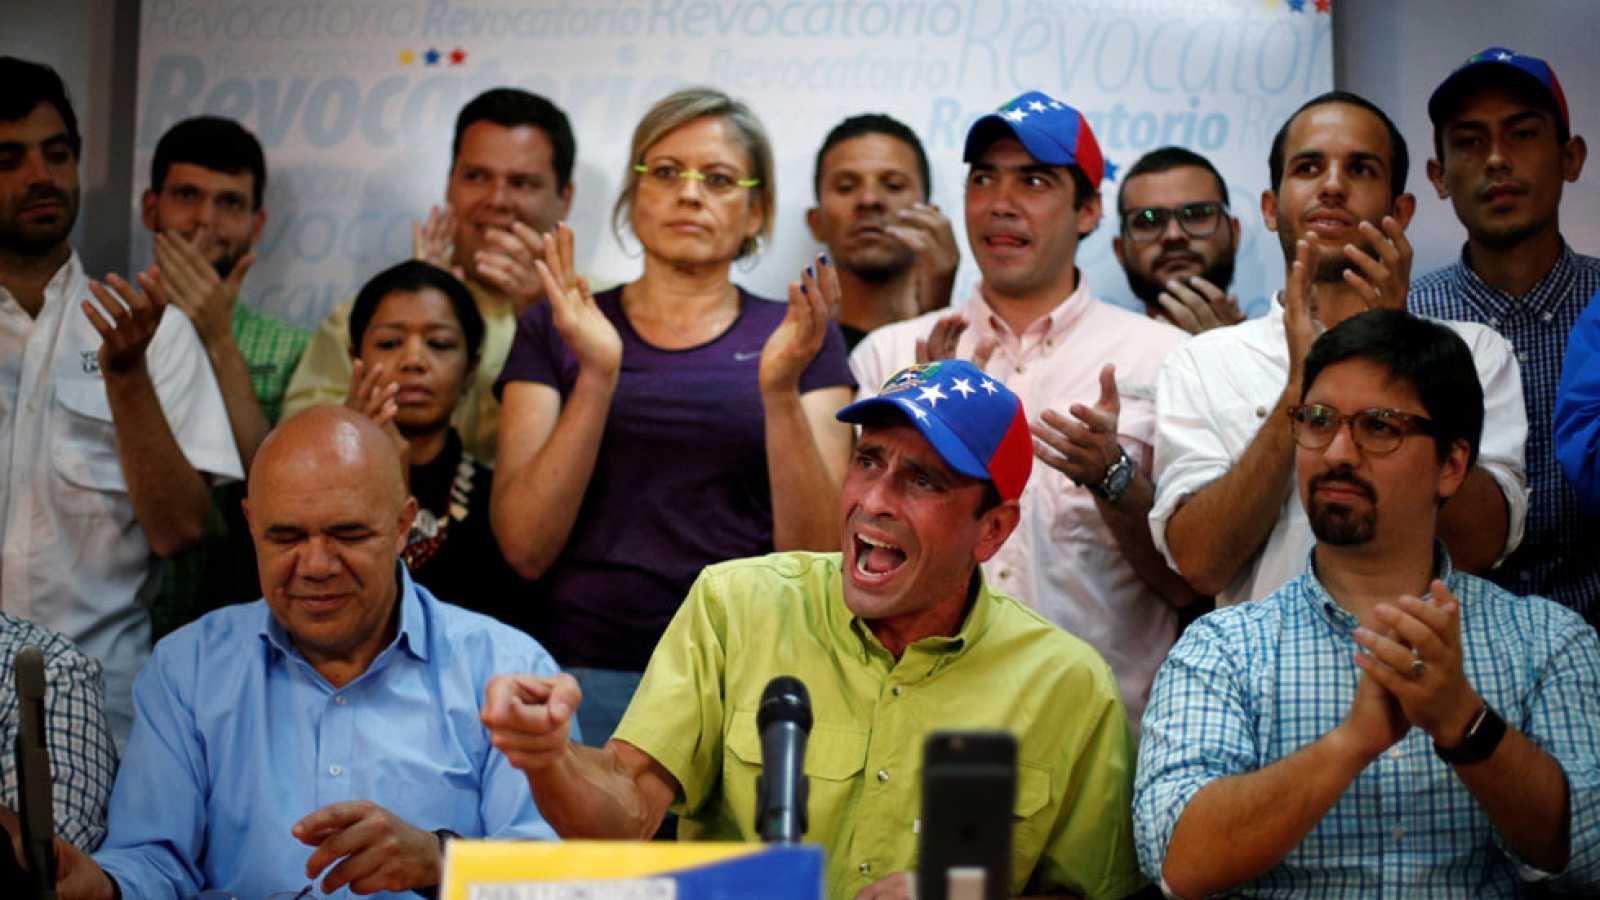 La oposición venezolana valida más del doble de firmas requeridas